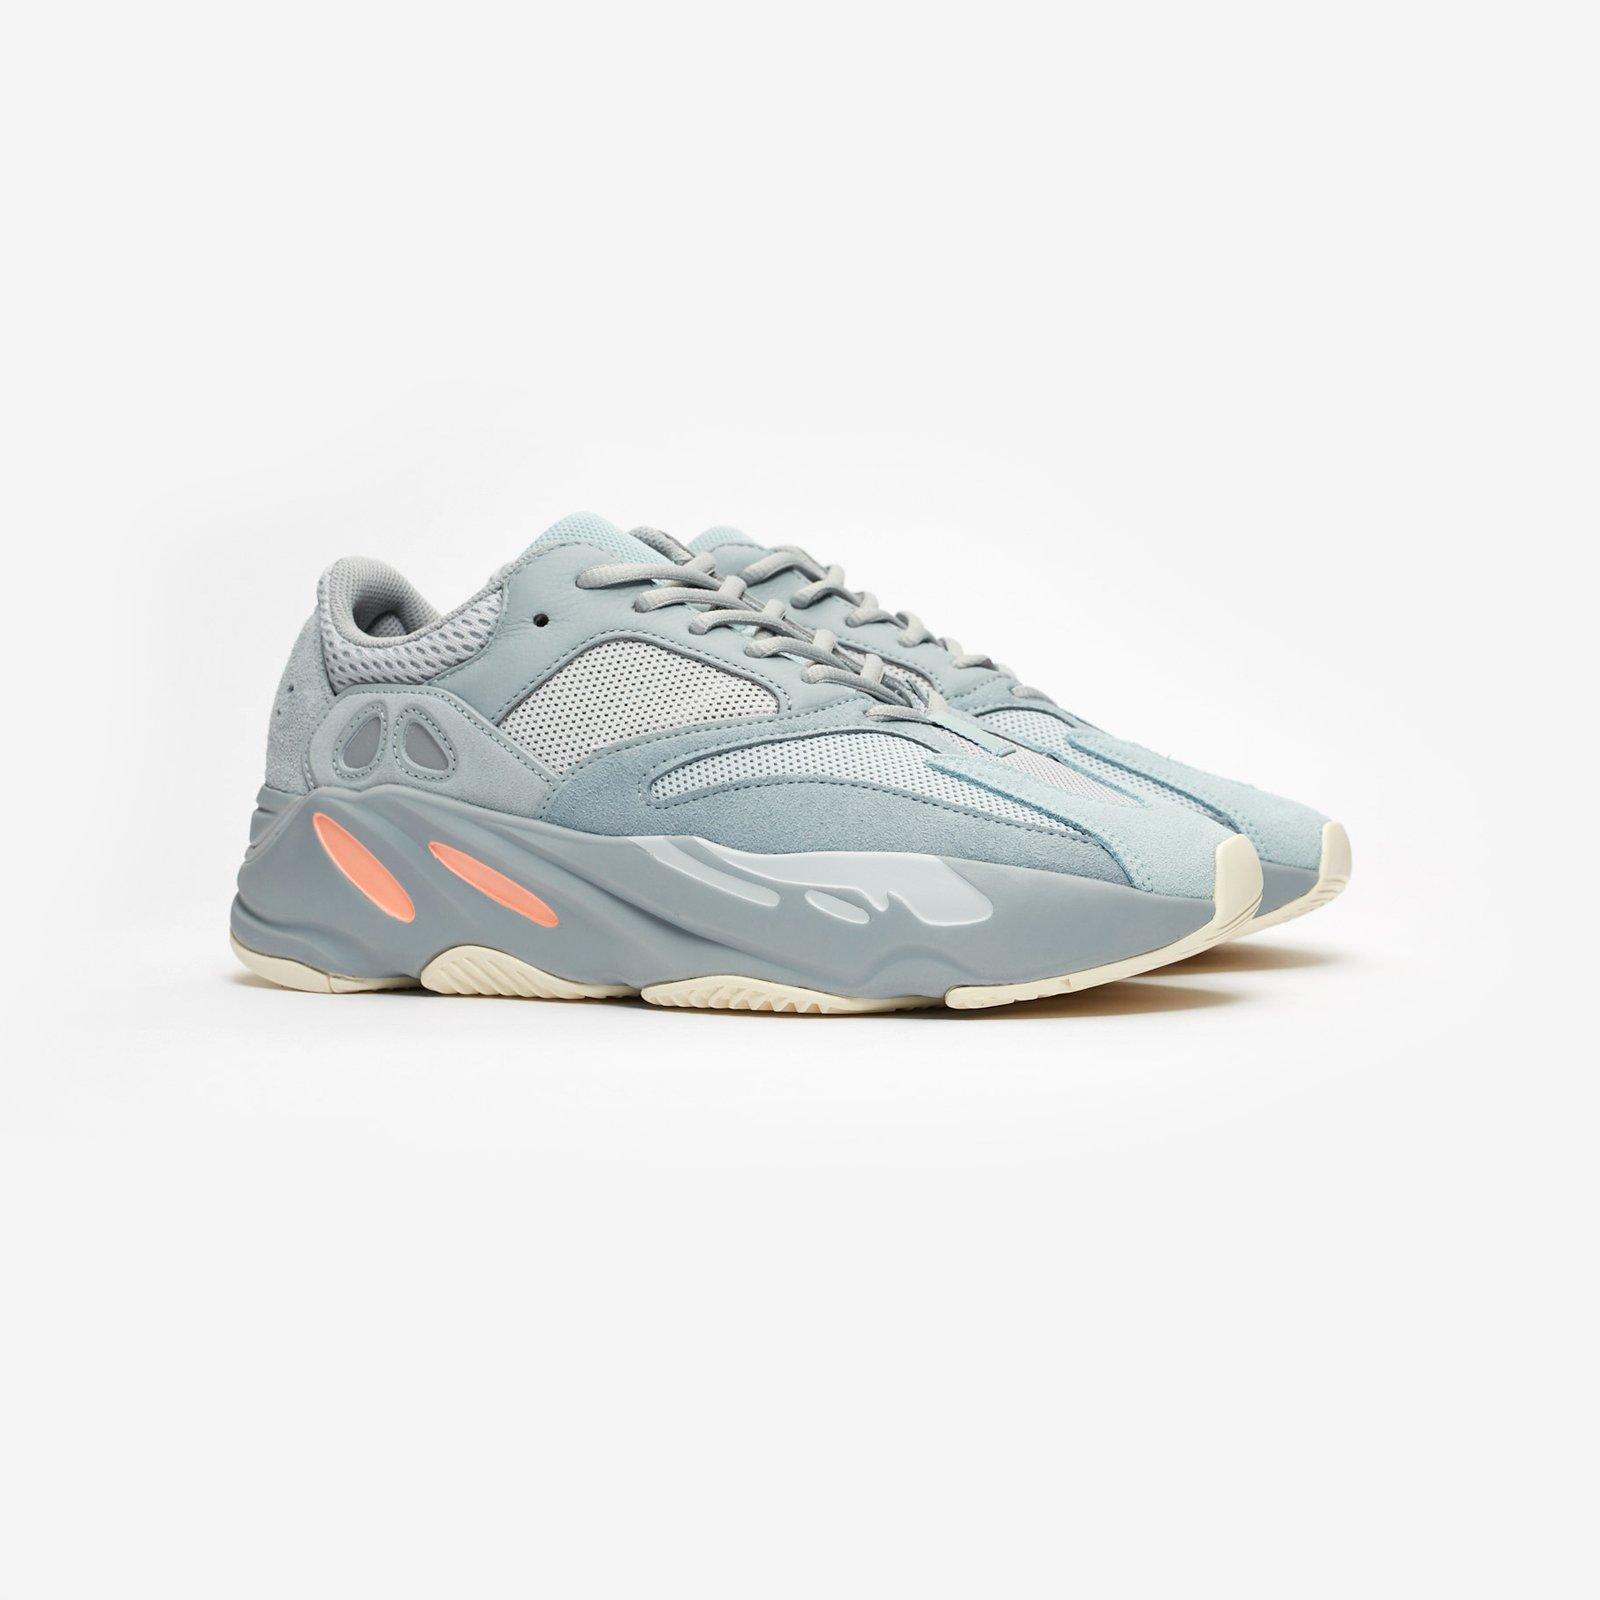 86d1d4572 adidas Yeezy Boost 700 - Eg7597 - Sneakersnstuff